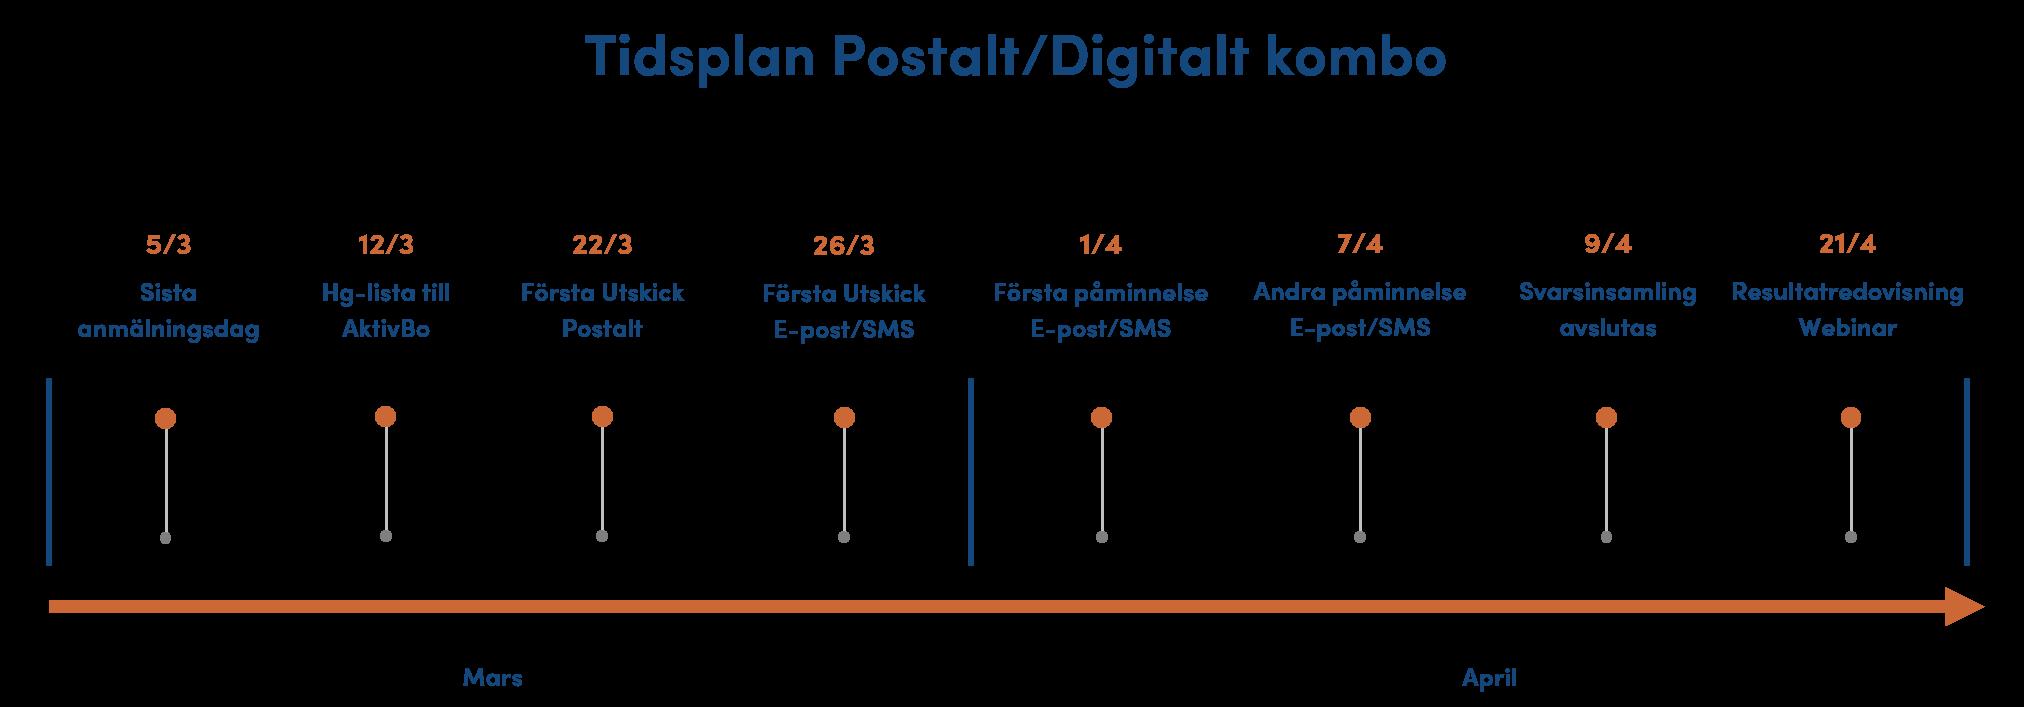 Tidsplan Digitalt och Postalt - Kommunikationsenkät 20210222